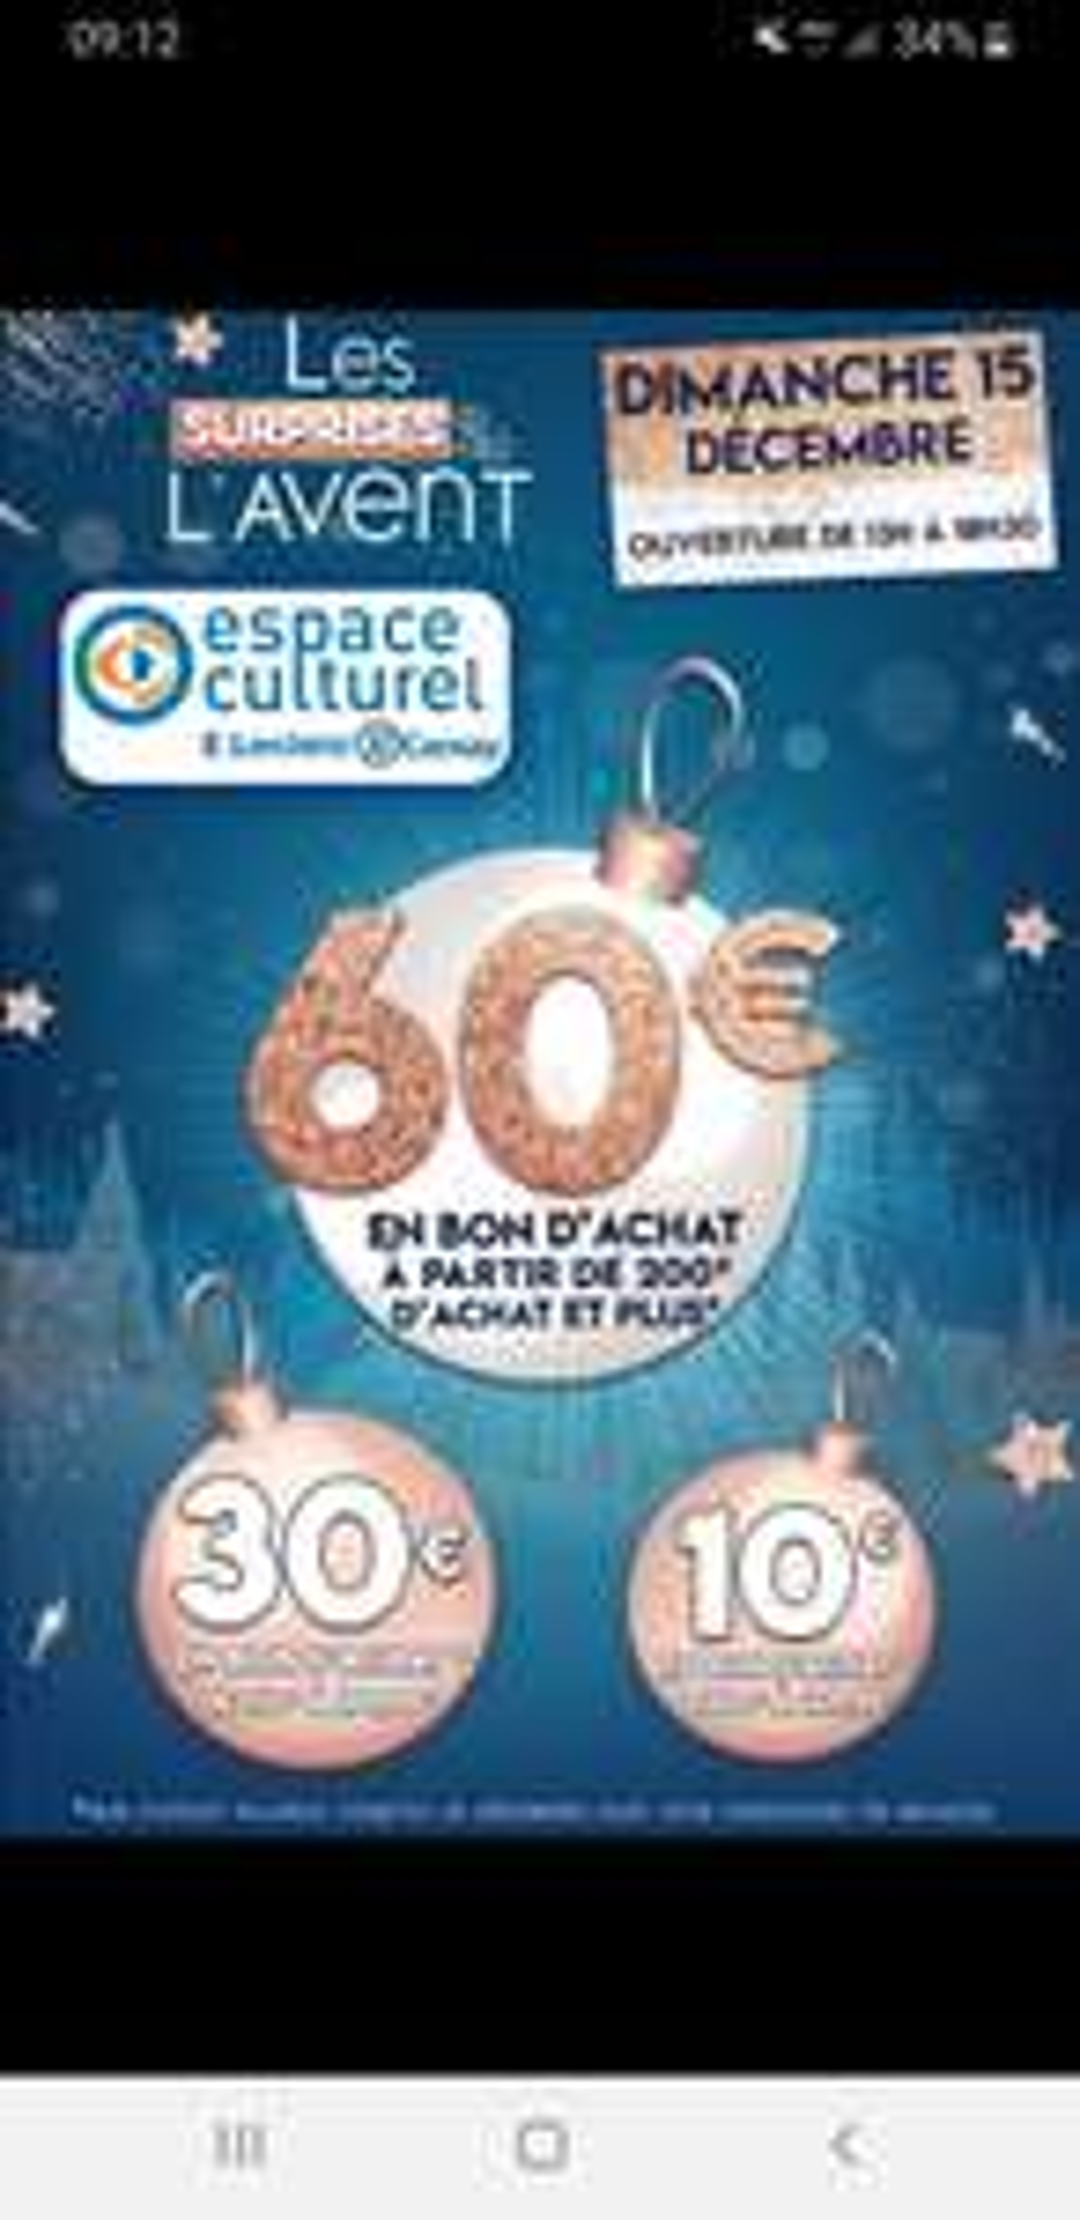 10€ en bon d'achat dès 100€, 30€ dès 150€ et 60€ dès 200€ d'achat - Cernay (68)